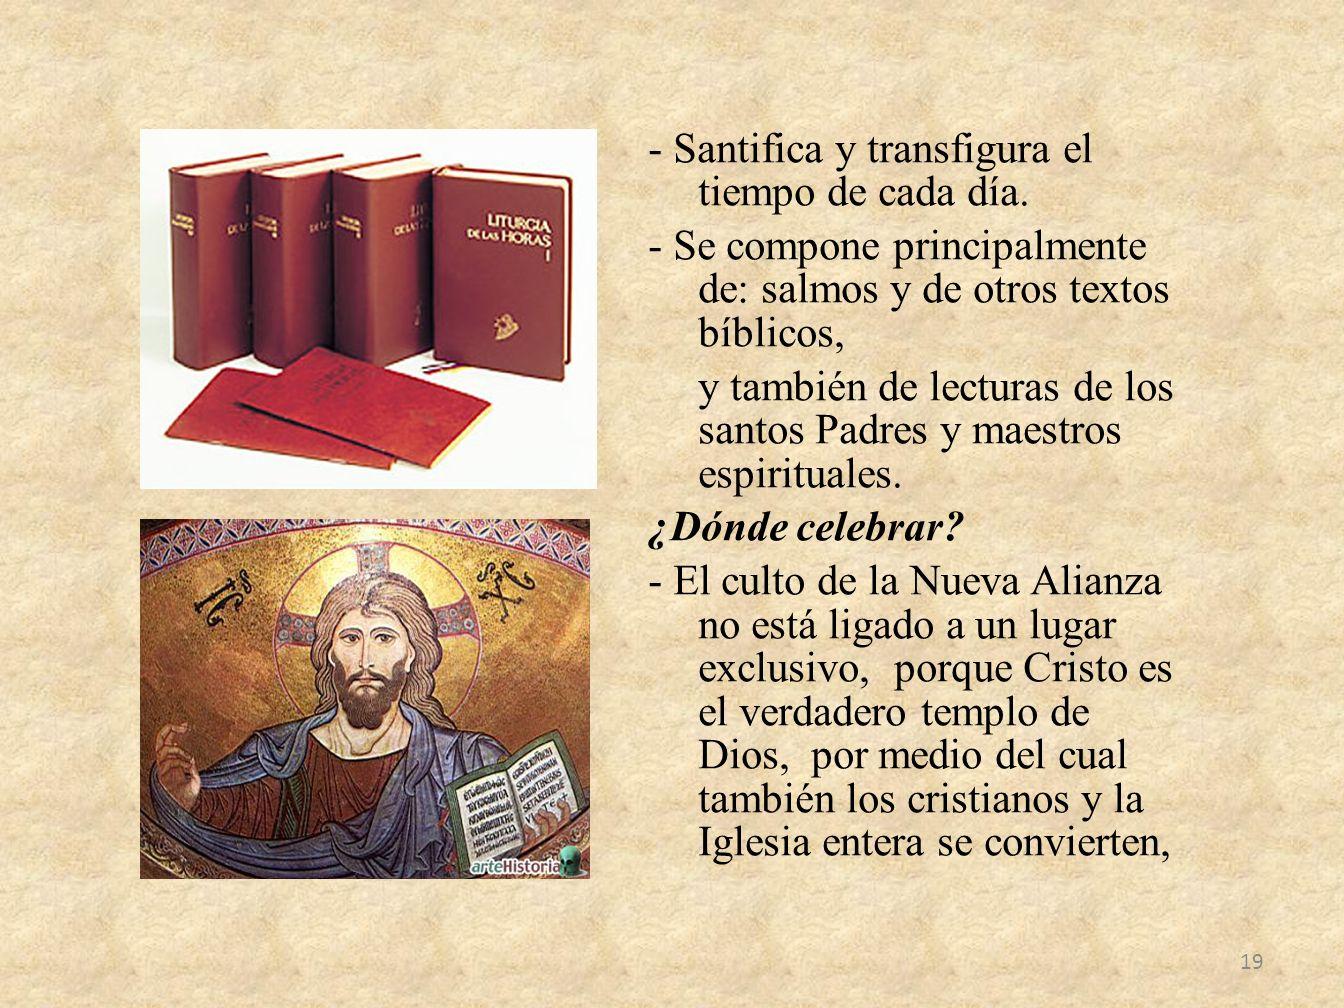 - Santifica y transfigura el tiempo de cada día.